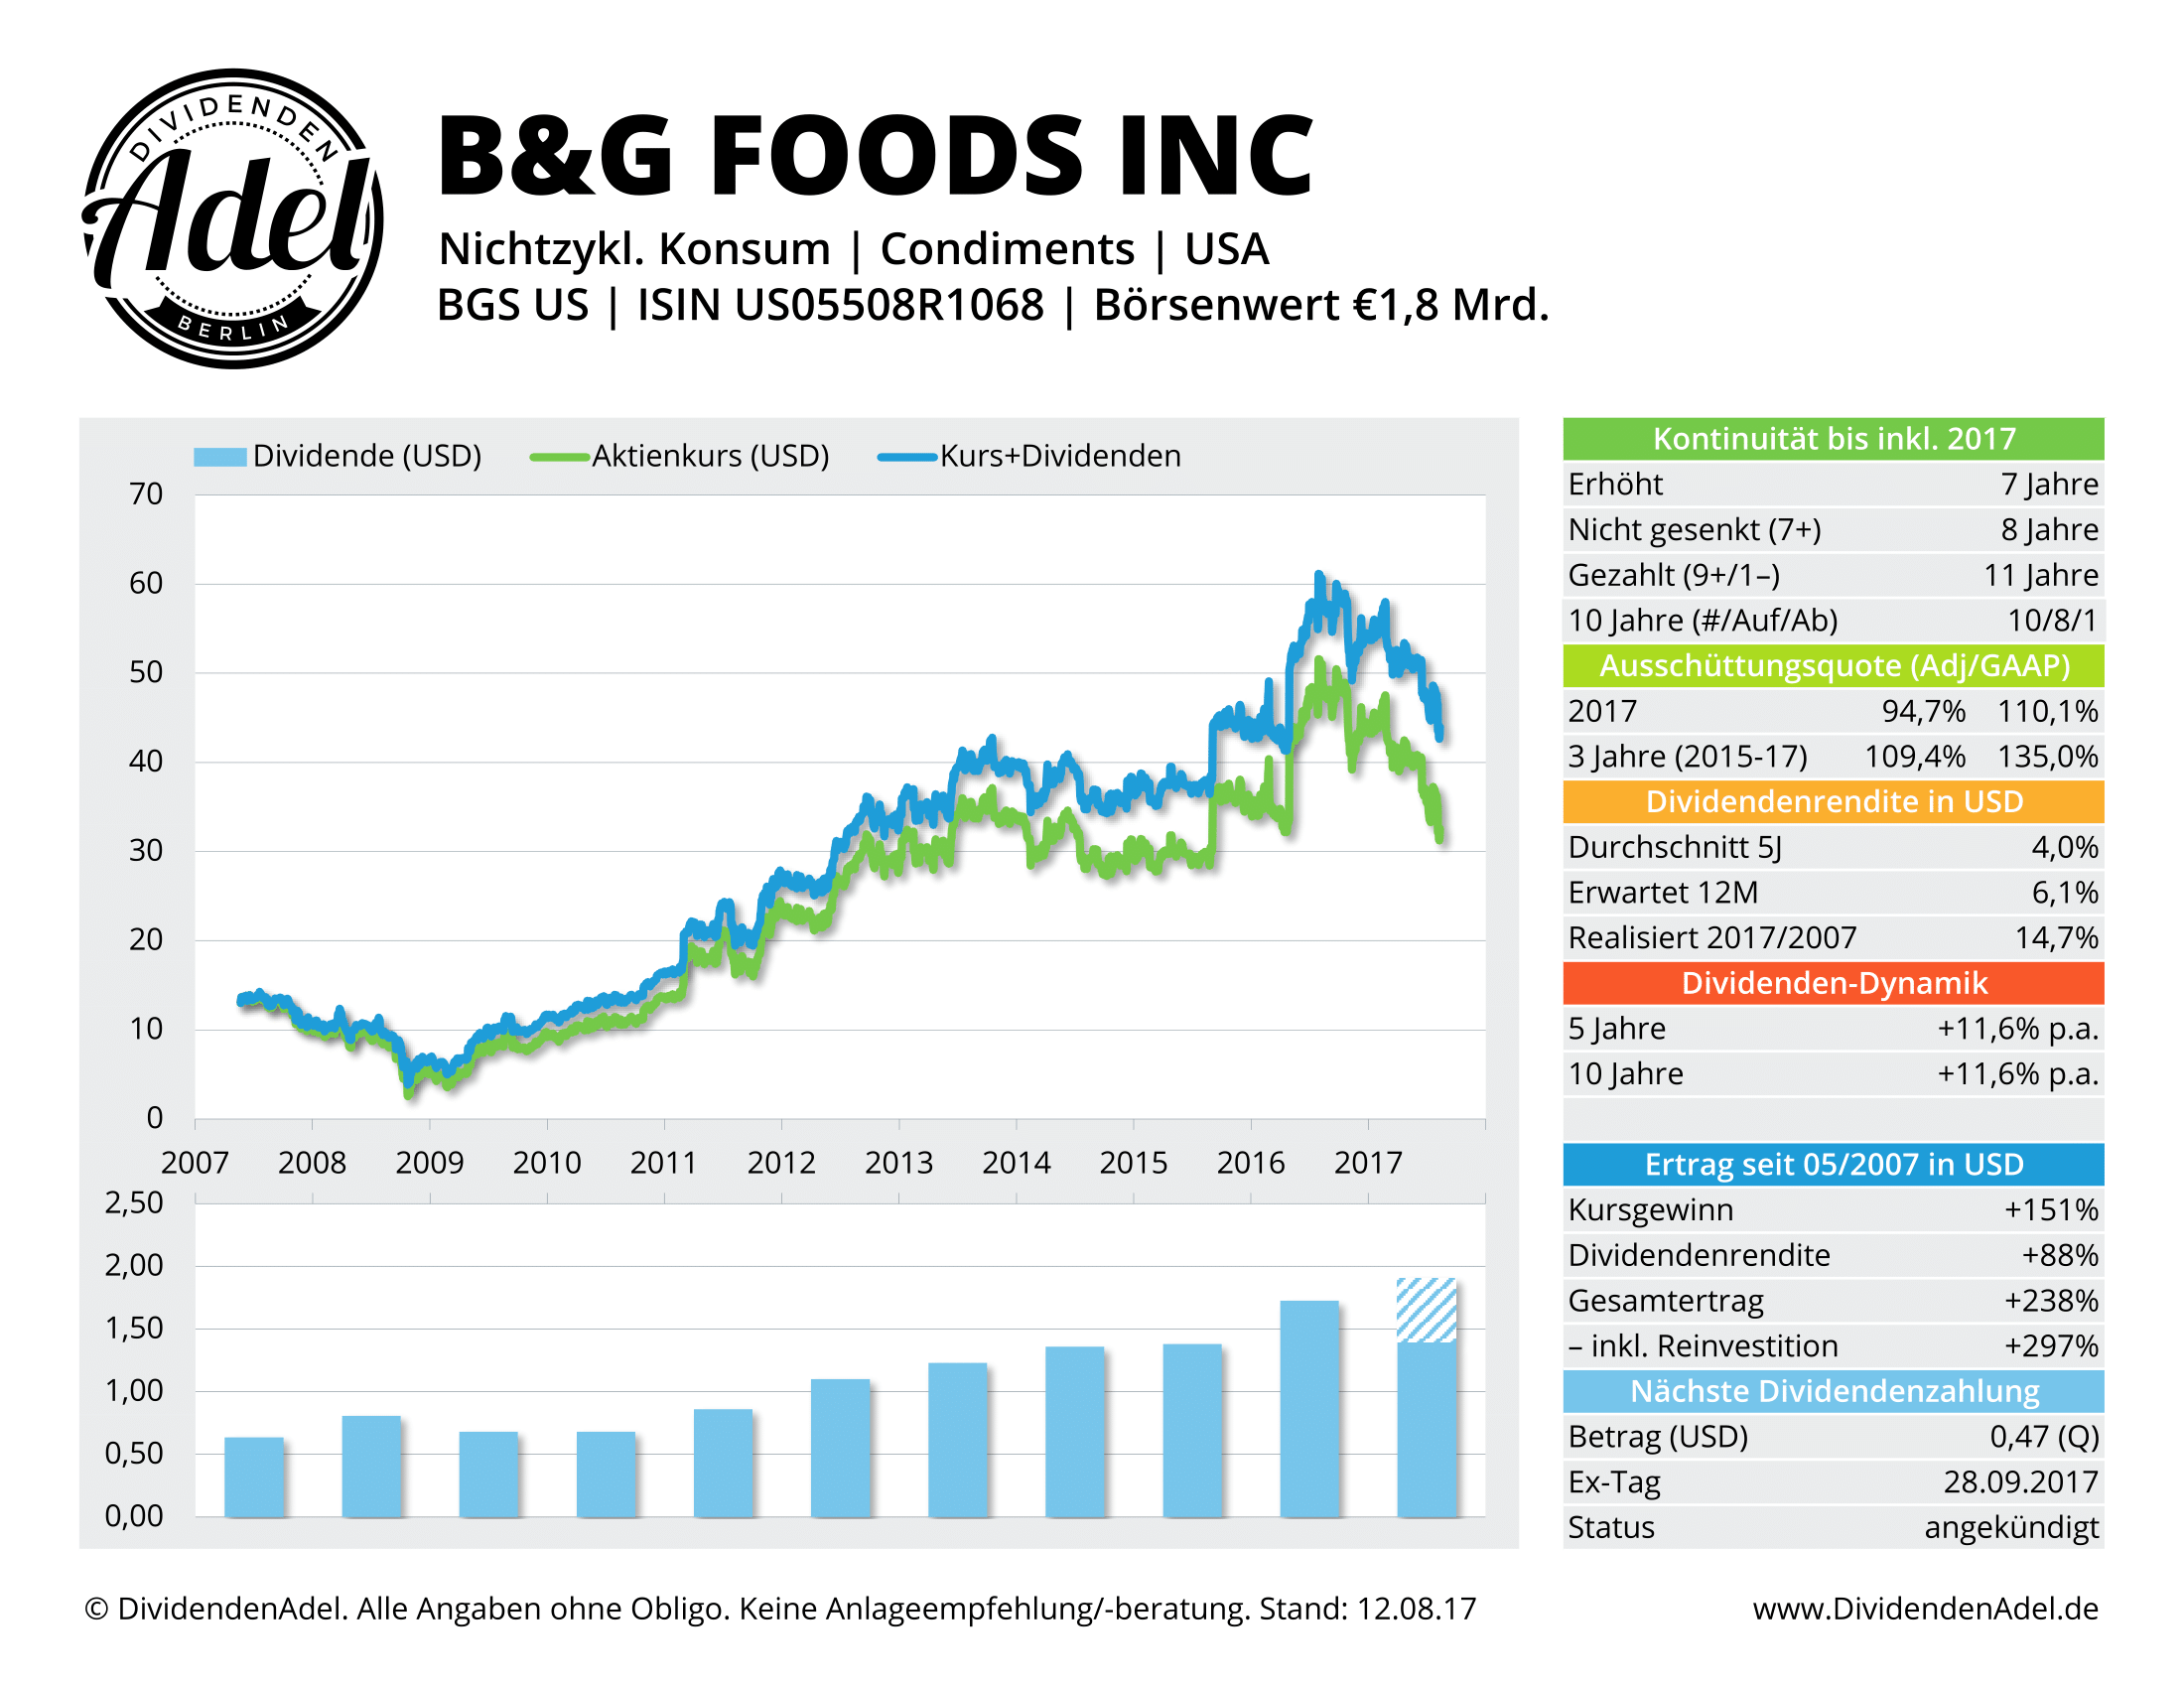 B&G FOODS INC DividendenAdel-Profil